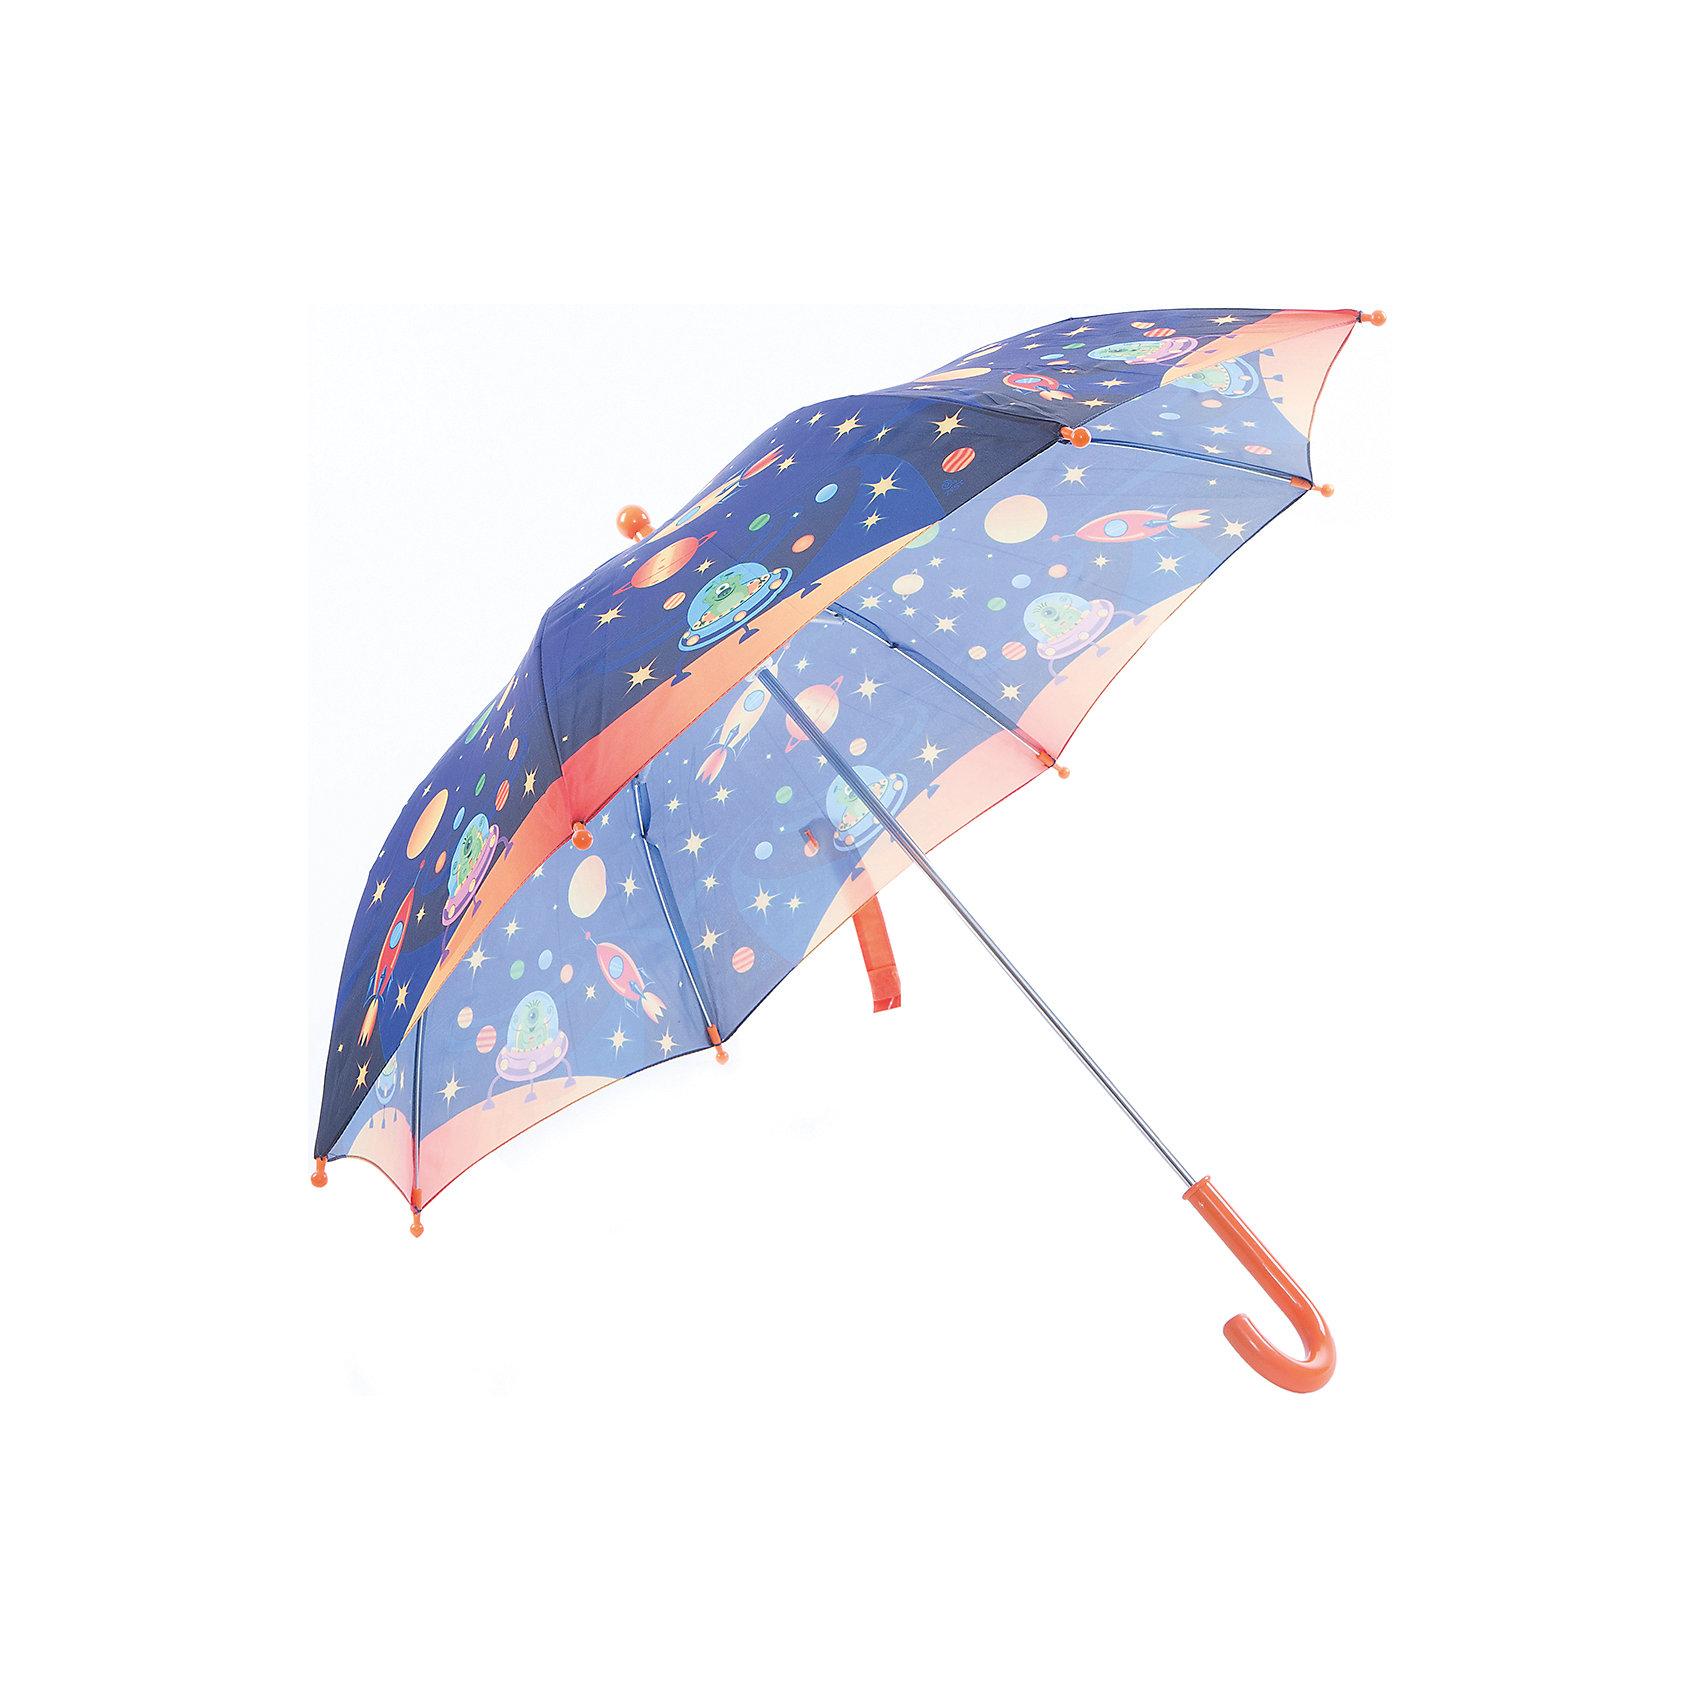 Зонт-трость, детский, рисунок ИнопланетянинКрасочный детский зонтик Zest 81561, трость, механика, 8 спиц, купол 72 см, материал купола полиэстер, ручка зонта из пластика, материал каркаса - сталь. Концы спиц зонтика прикрыты специальными колпачками. ВЕТРОУСТОЙЧИВАЯ КОНСТРУКЦИЯ. Внимание! В сильный ветер не эксплуатировать! Зонт может сломаться. Гарантия 6 месяцев, срок службы 5 лет.<br><br>Ширина мм: 680<br>Глубина мм: 0<br>Высота мм: 0<br>Вес г: 310<br>Возраст от месяцев: 36<br>Возраст до месяцев: 2147483647<br>Пол: Унисекс<br>Возраст: Детский<br>SKU: 5511995